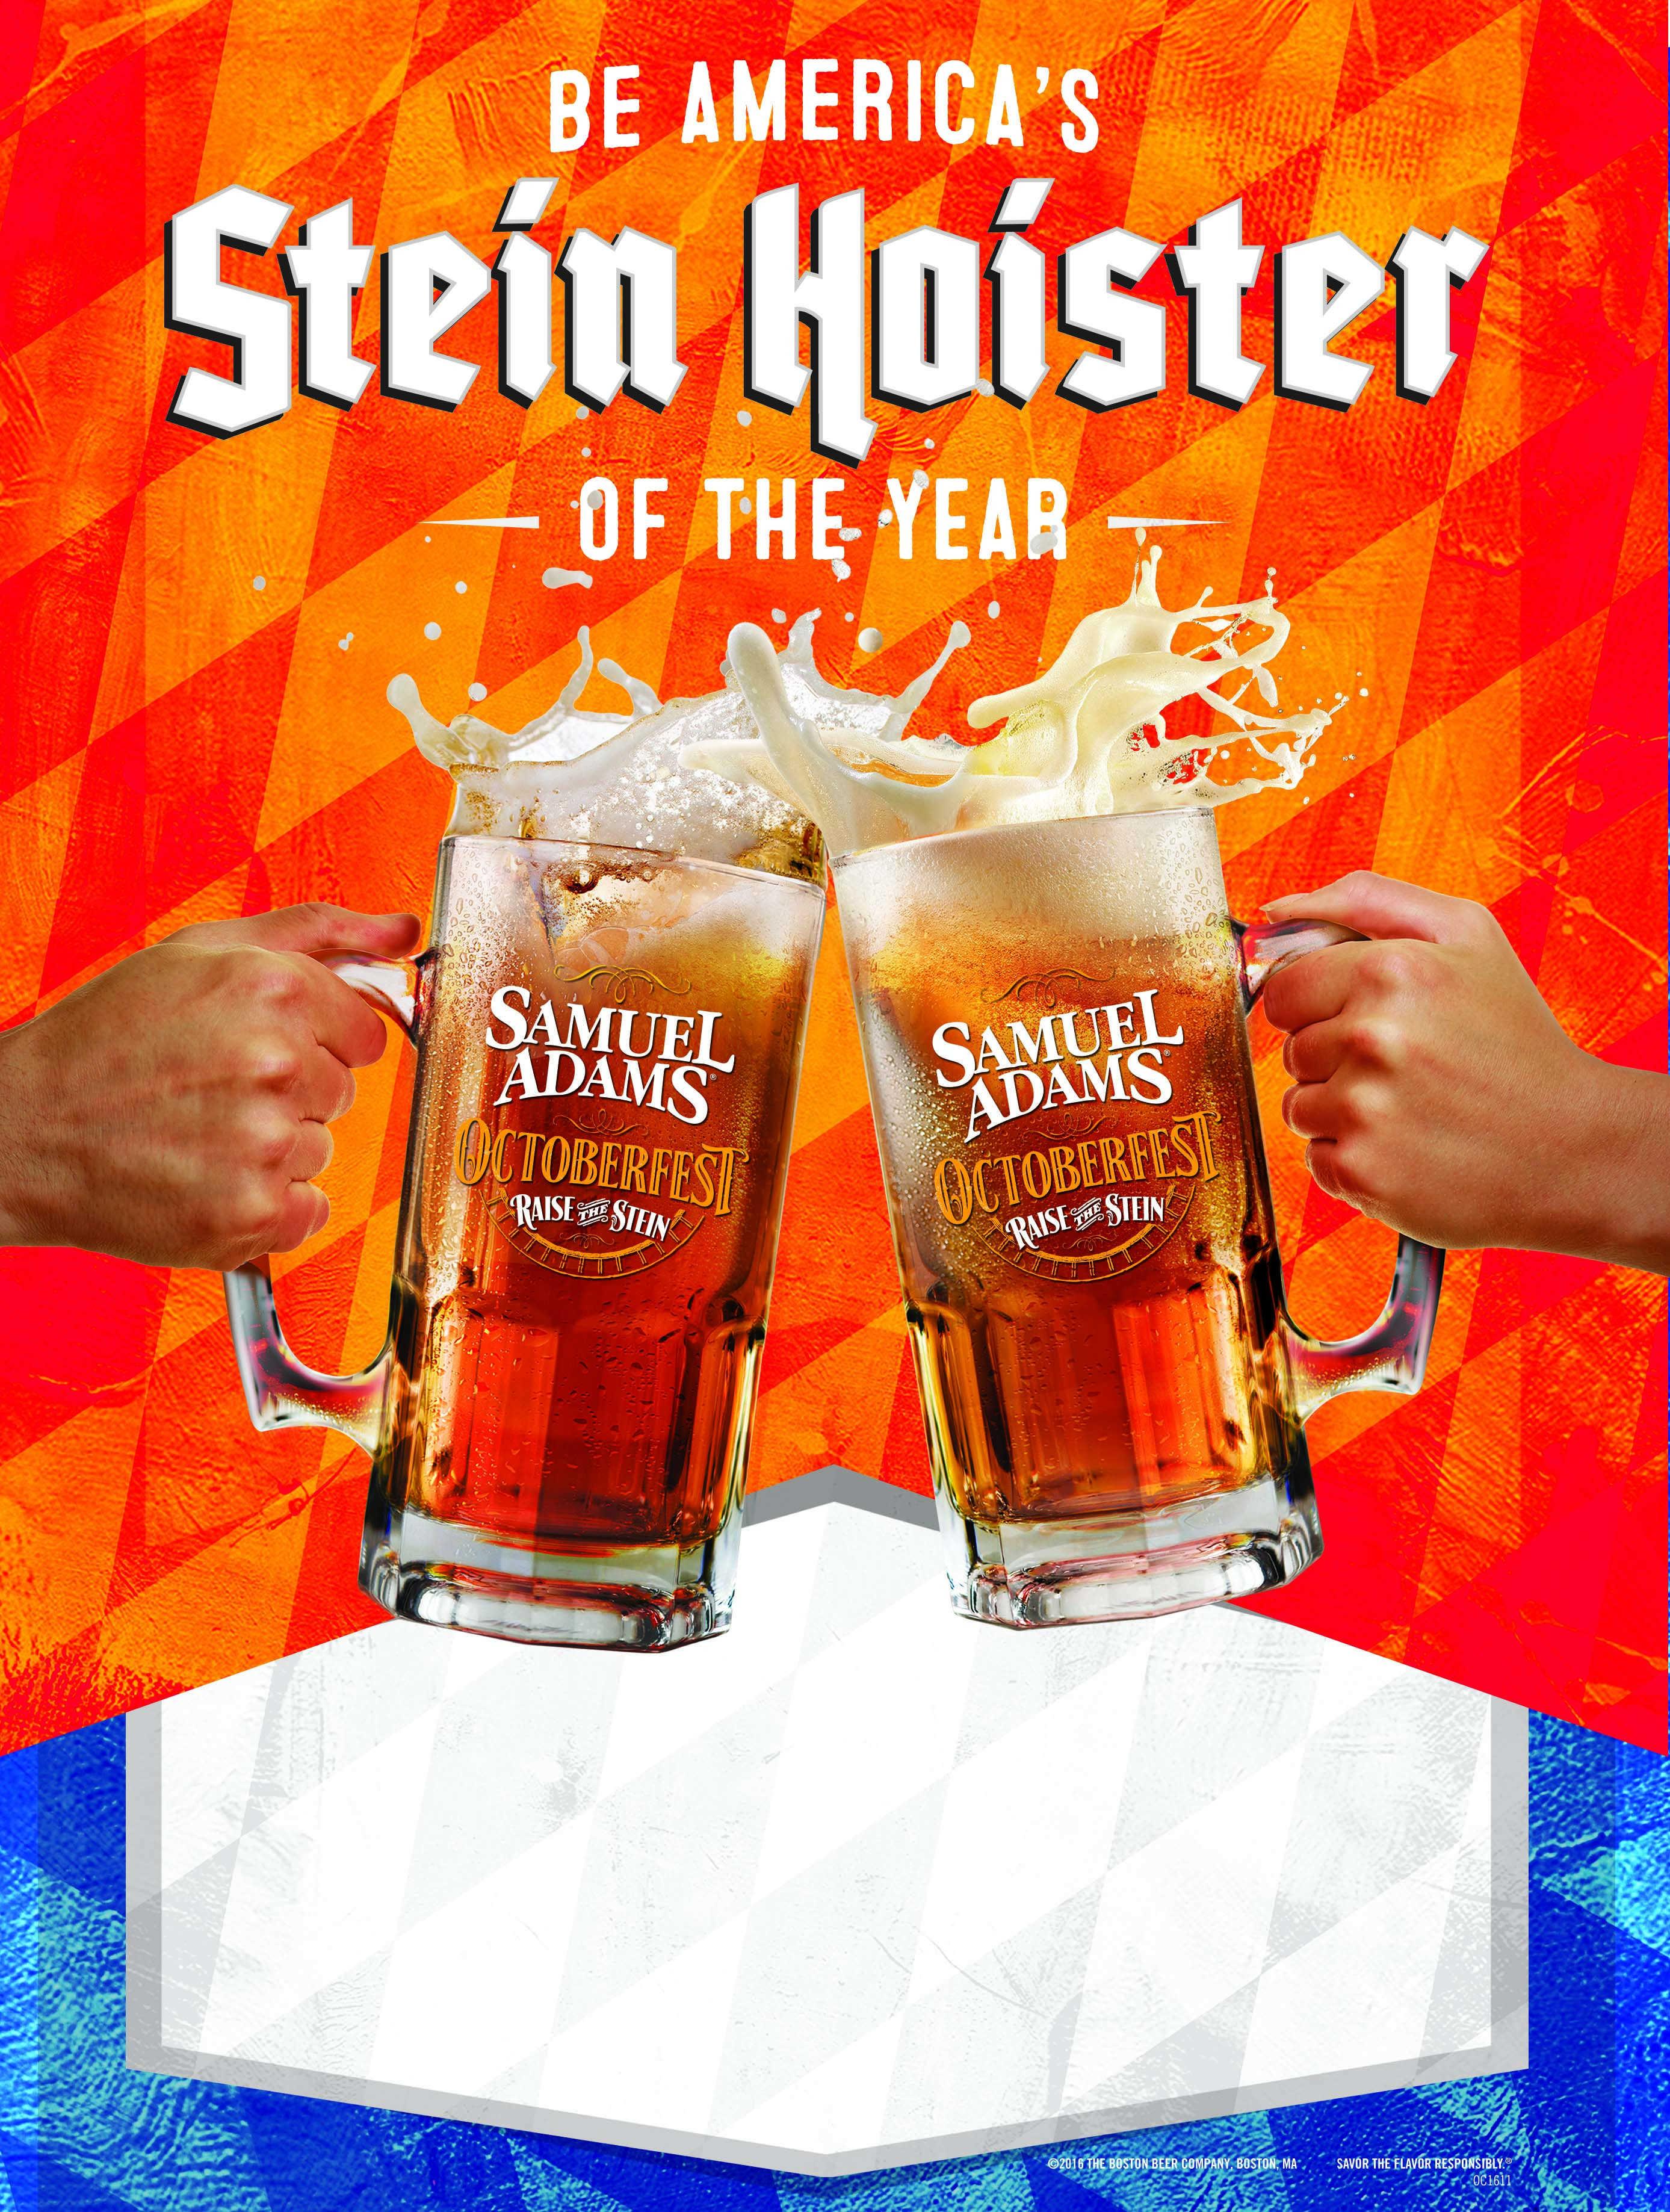 Stein Hoist